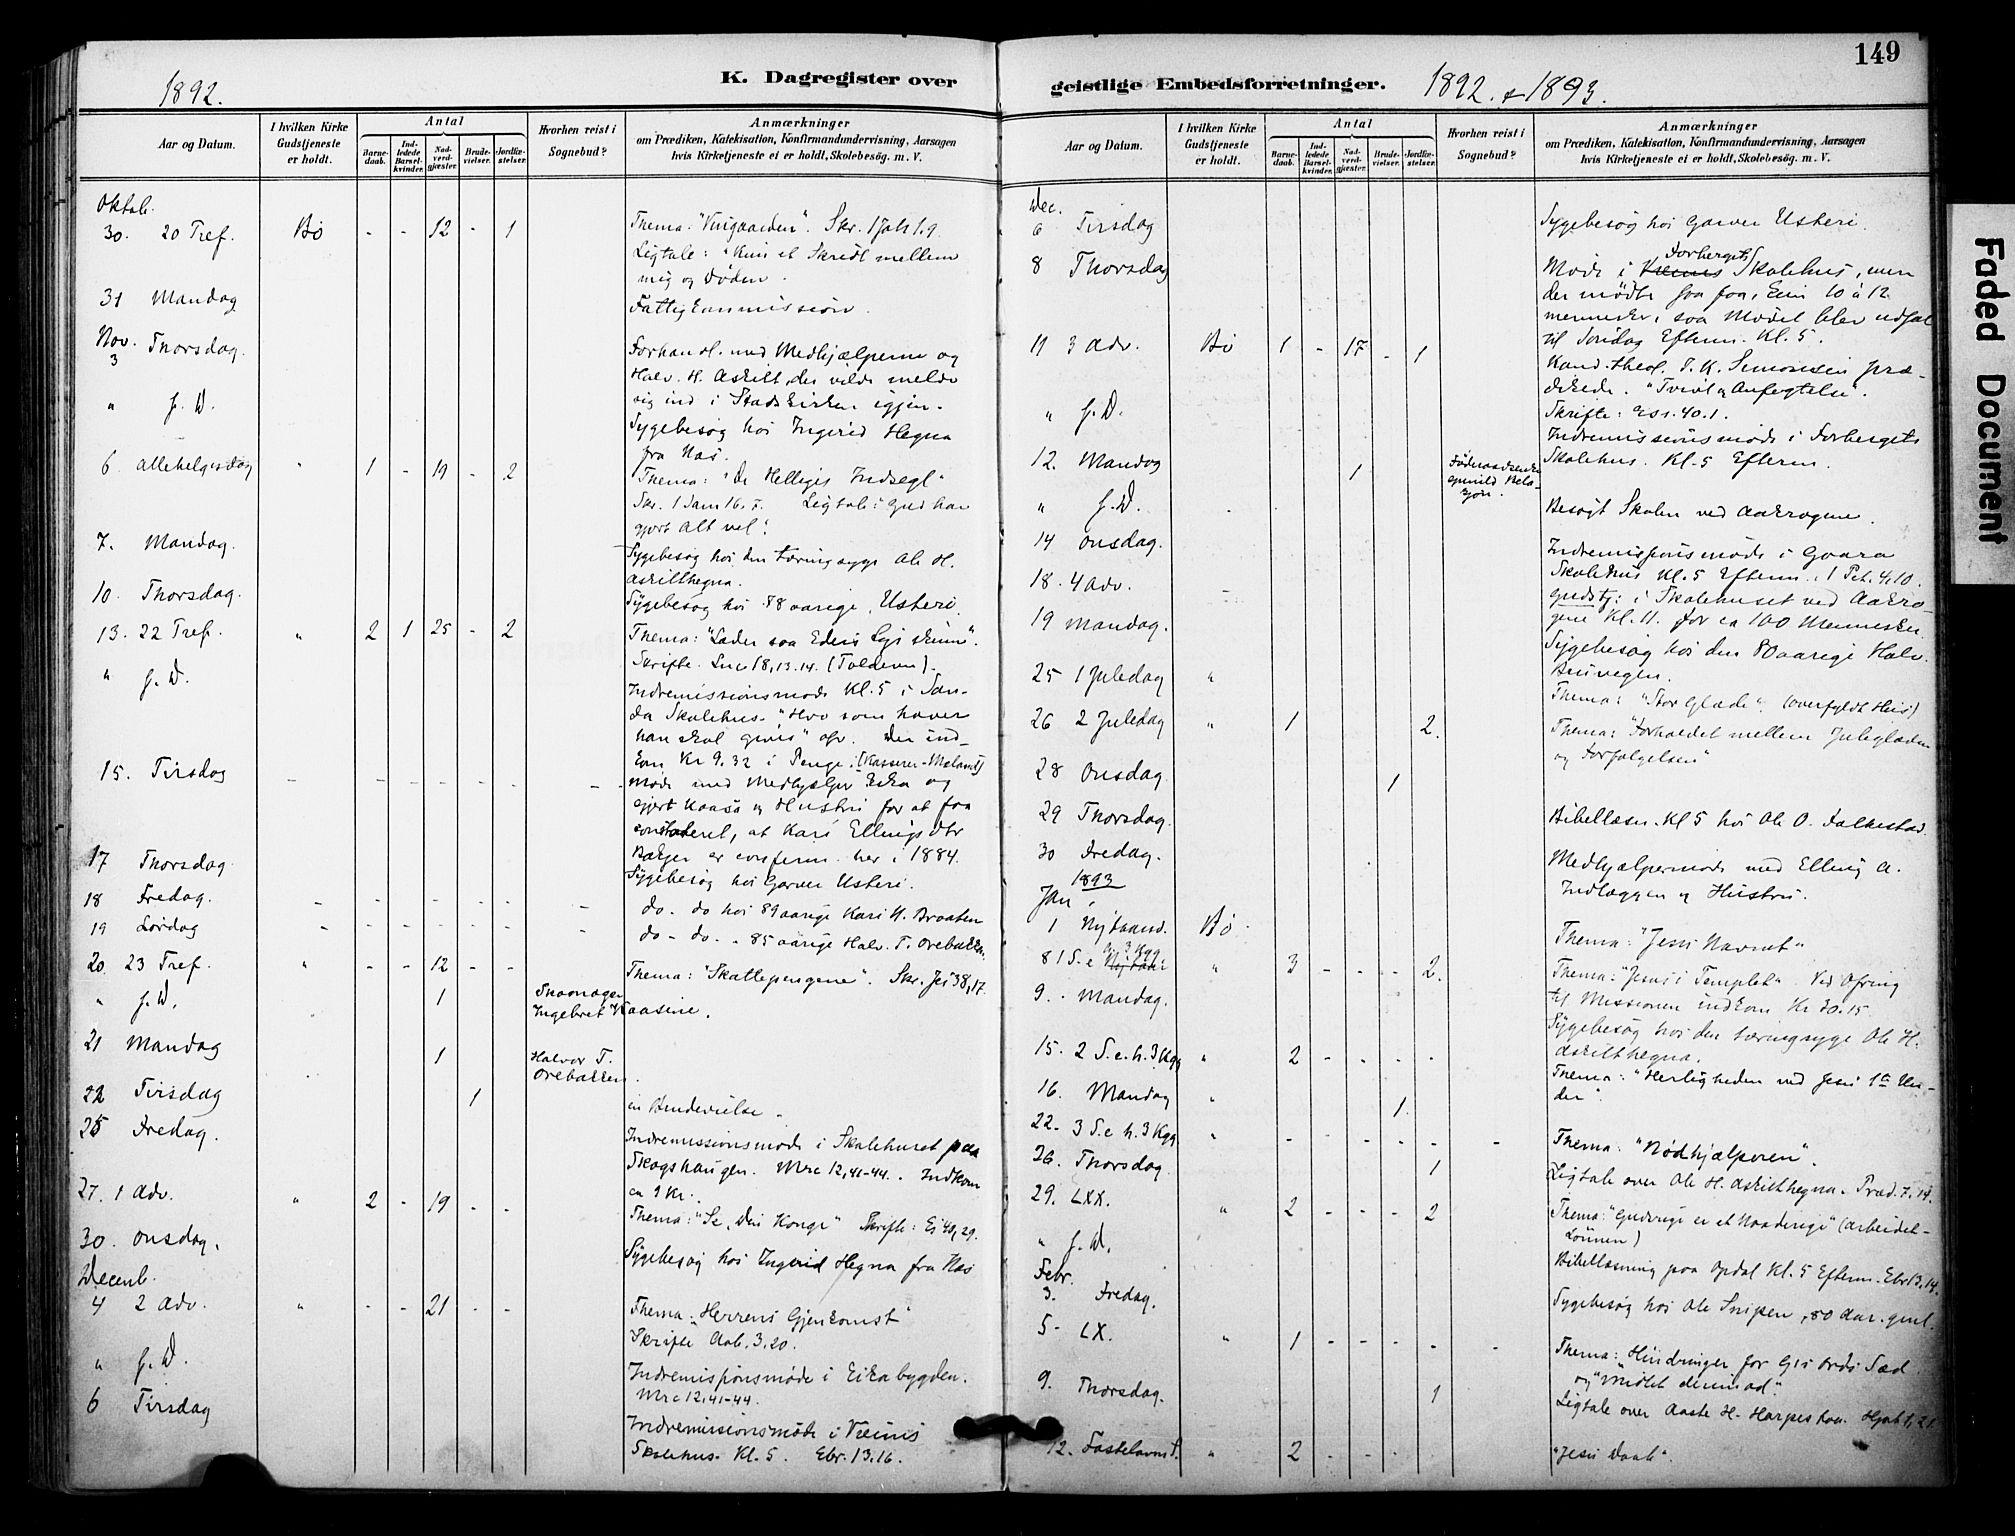 SAKO, Bø kirkebøker, F/Fa/L0011: Ministerialbok nr. 11, 1892-1900, s. 149